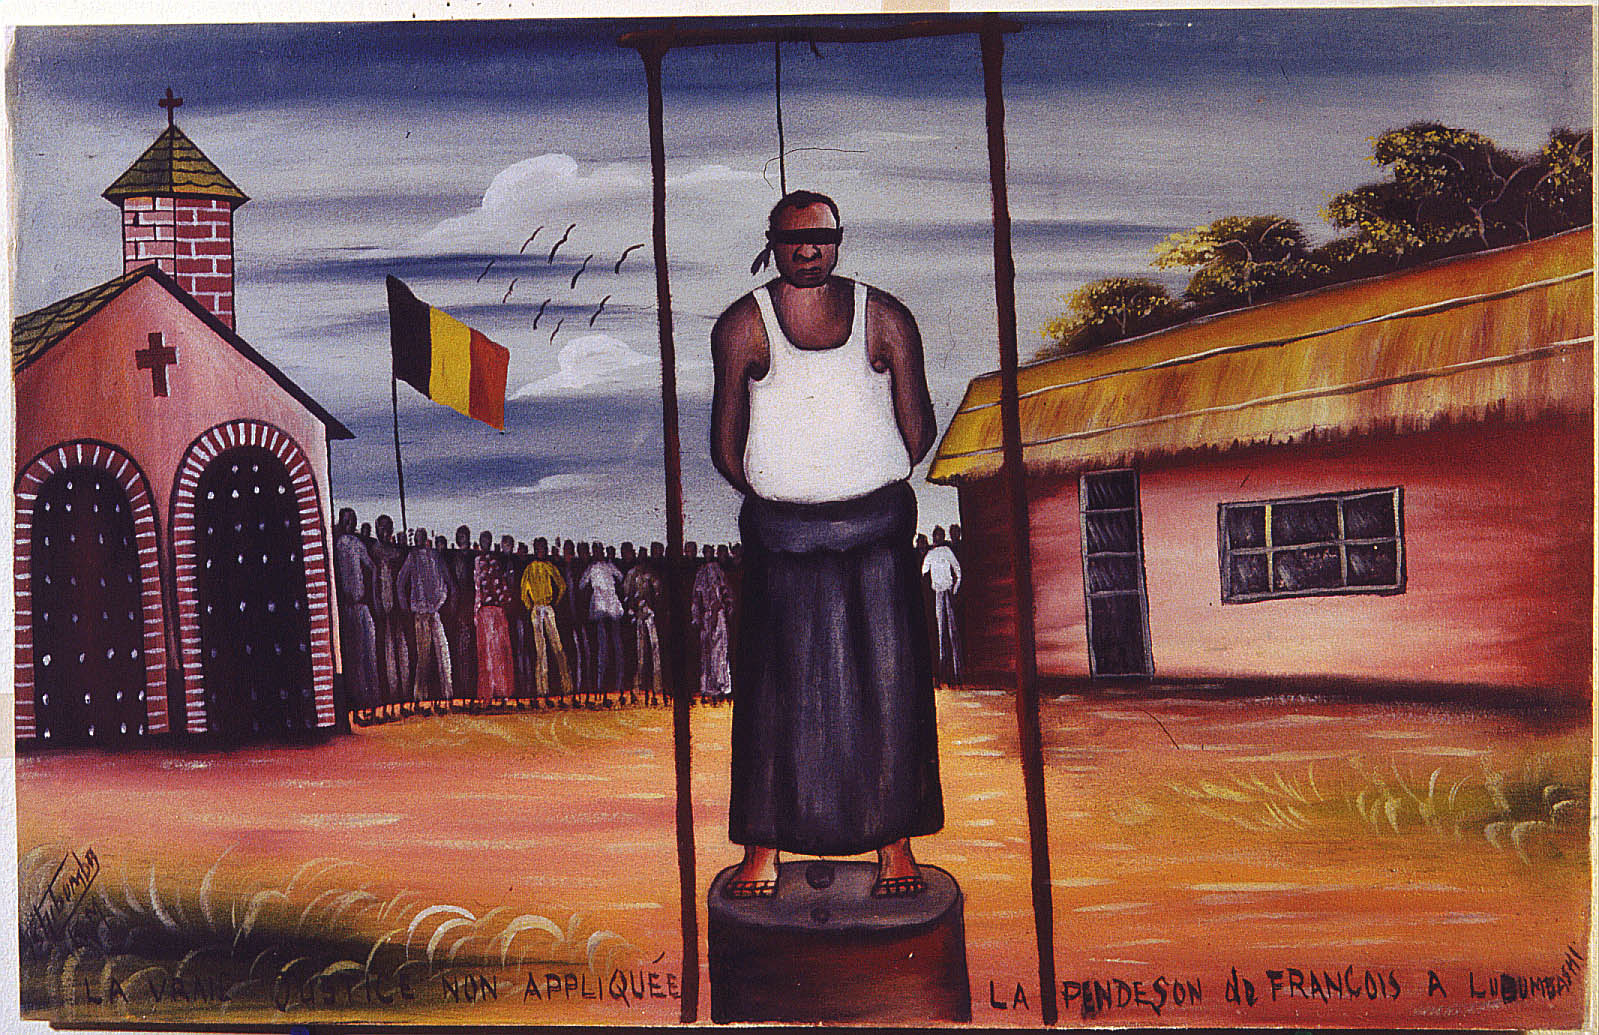 Tshibumba Kanda Matulu, Lubumbashi, 1973, Prawdziwa sprawiedliwosc nie zostala dokonana, powieszenie François w Lubumbashi, Collection MRAC Tervuren, Fonds B. Jewsiewicki